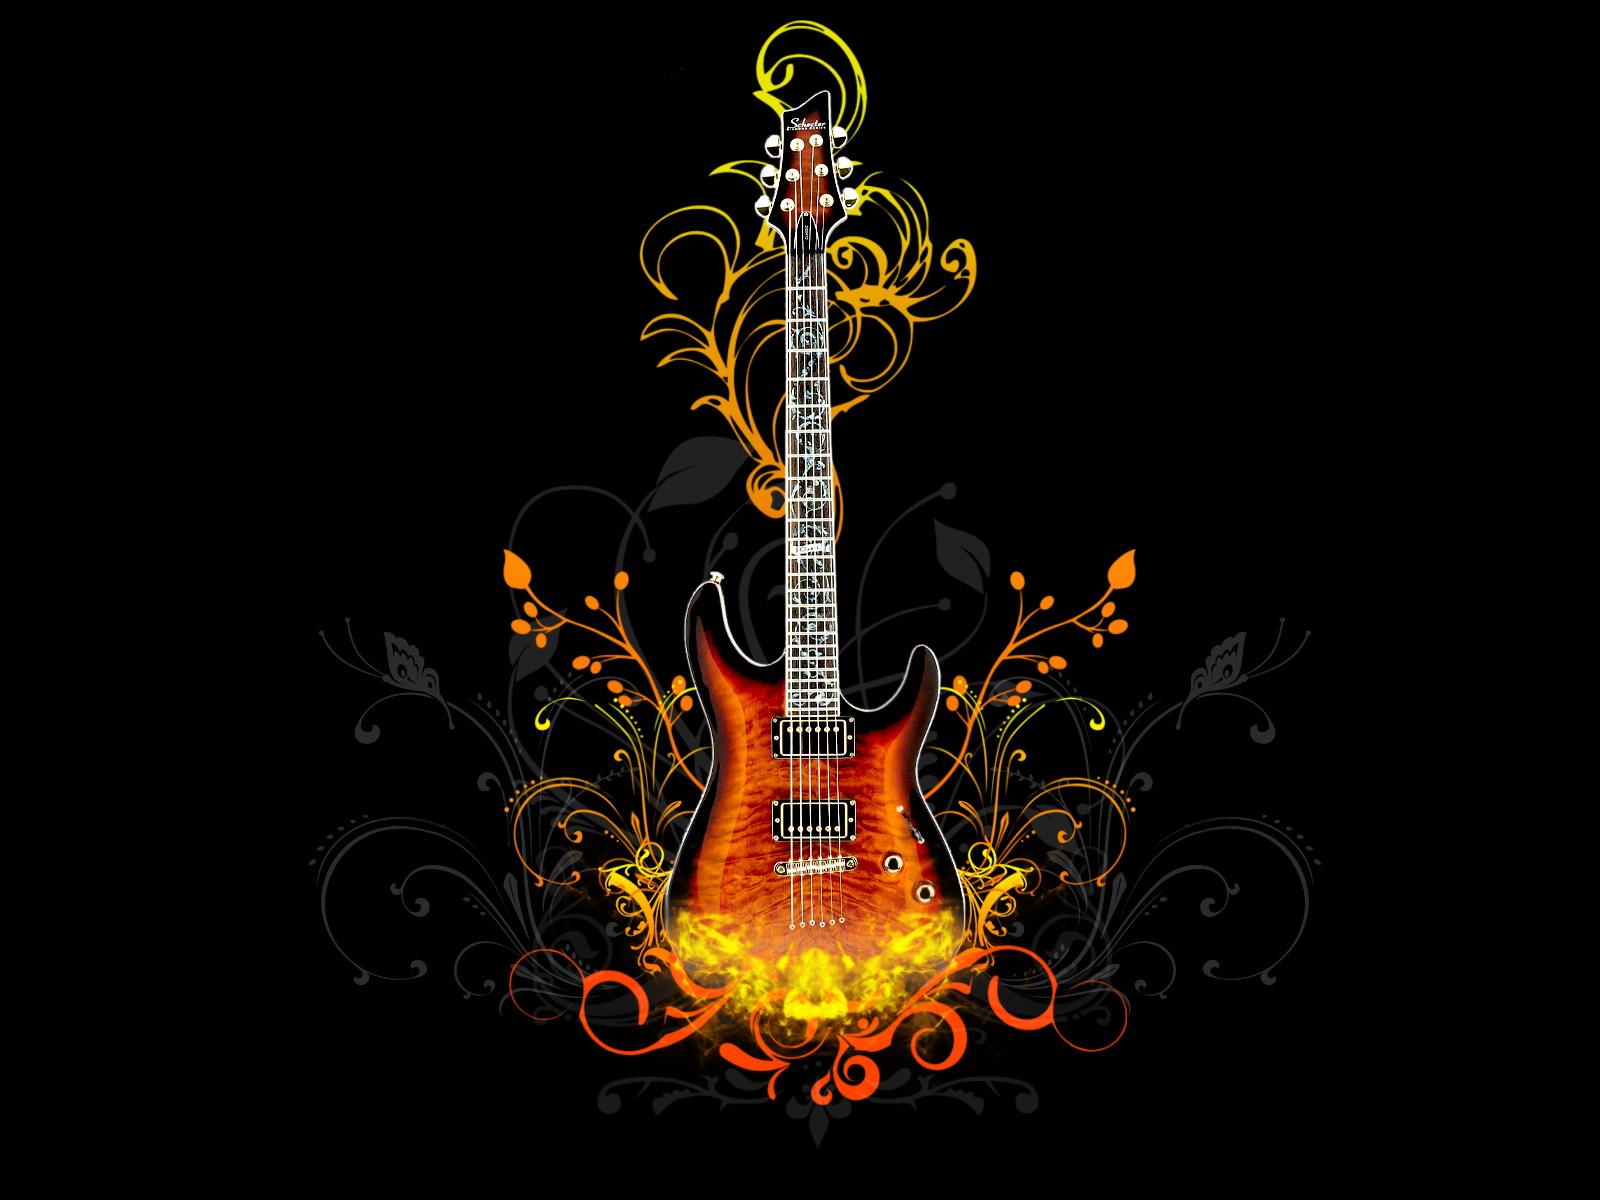 http://4.bp.blogspot.com/-11WeWCKKV_0/TWmuva4rE_I/AAAAAAAAFgA/1j0Ov7R8Xbc/s1600/guitar+2.jpg